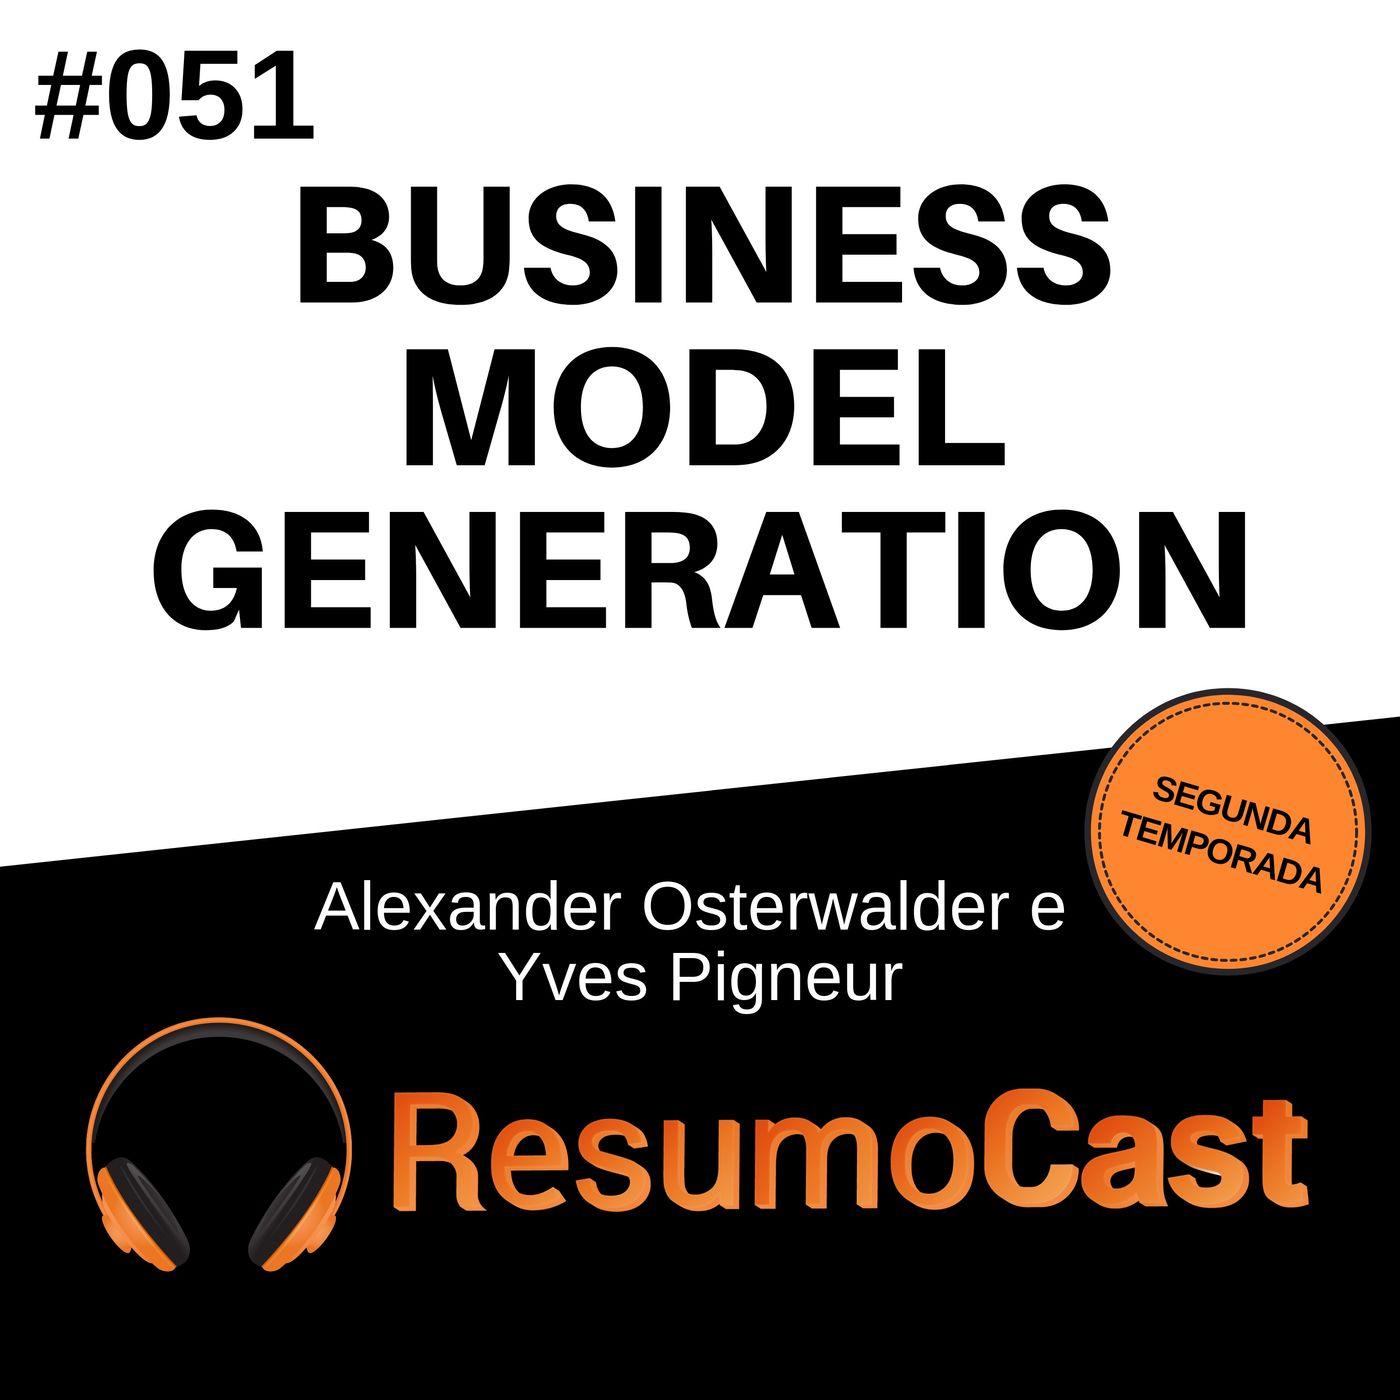 T2#051 Business Model Generation | Alexander Osterwalder e Yves Pigneur